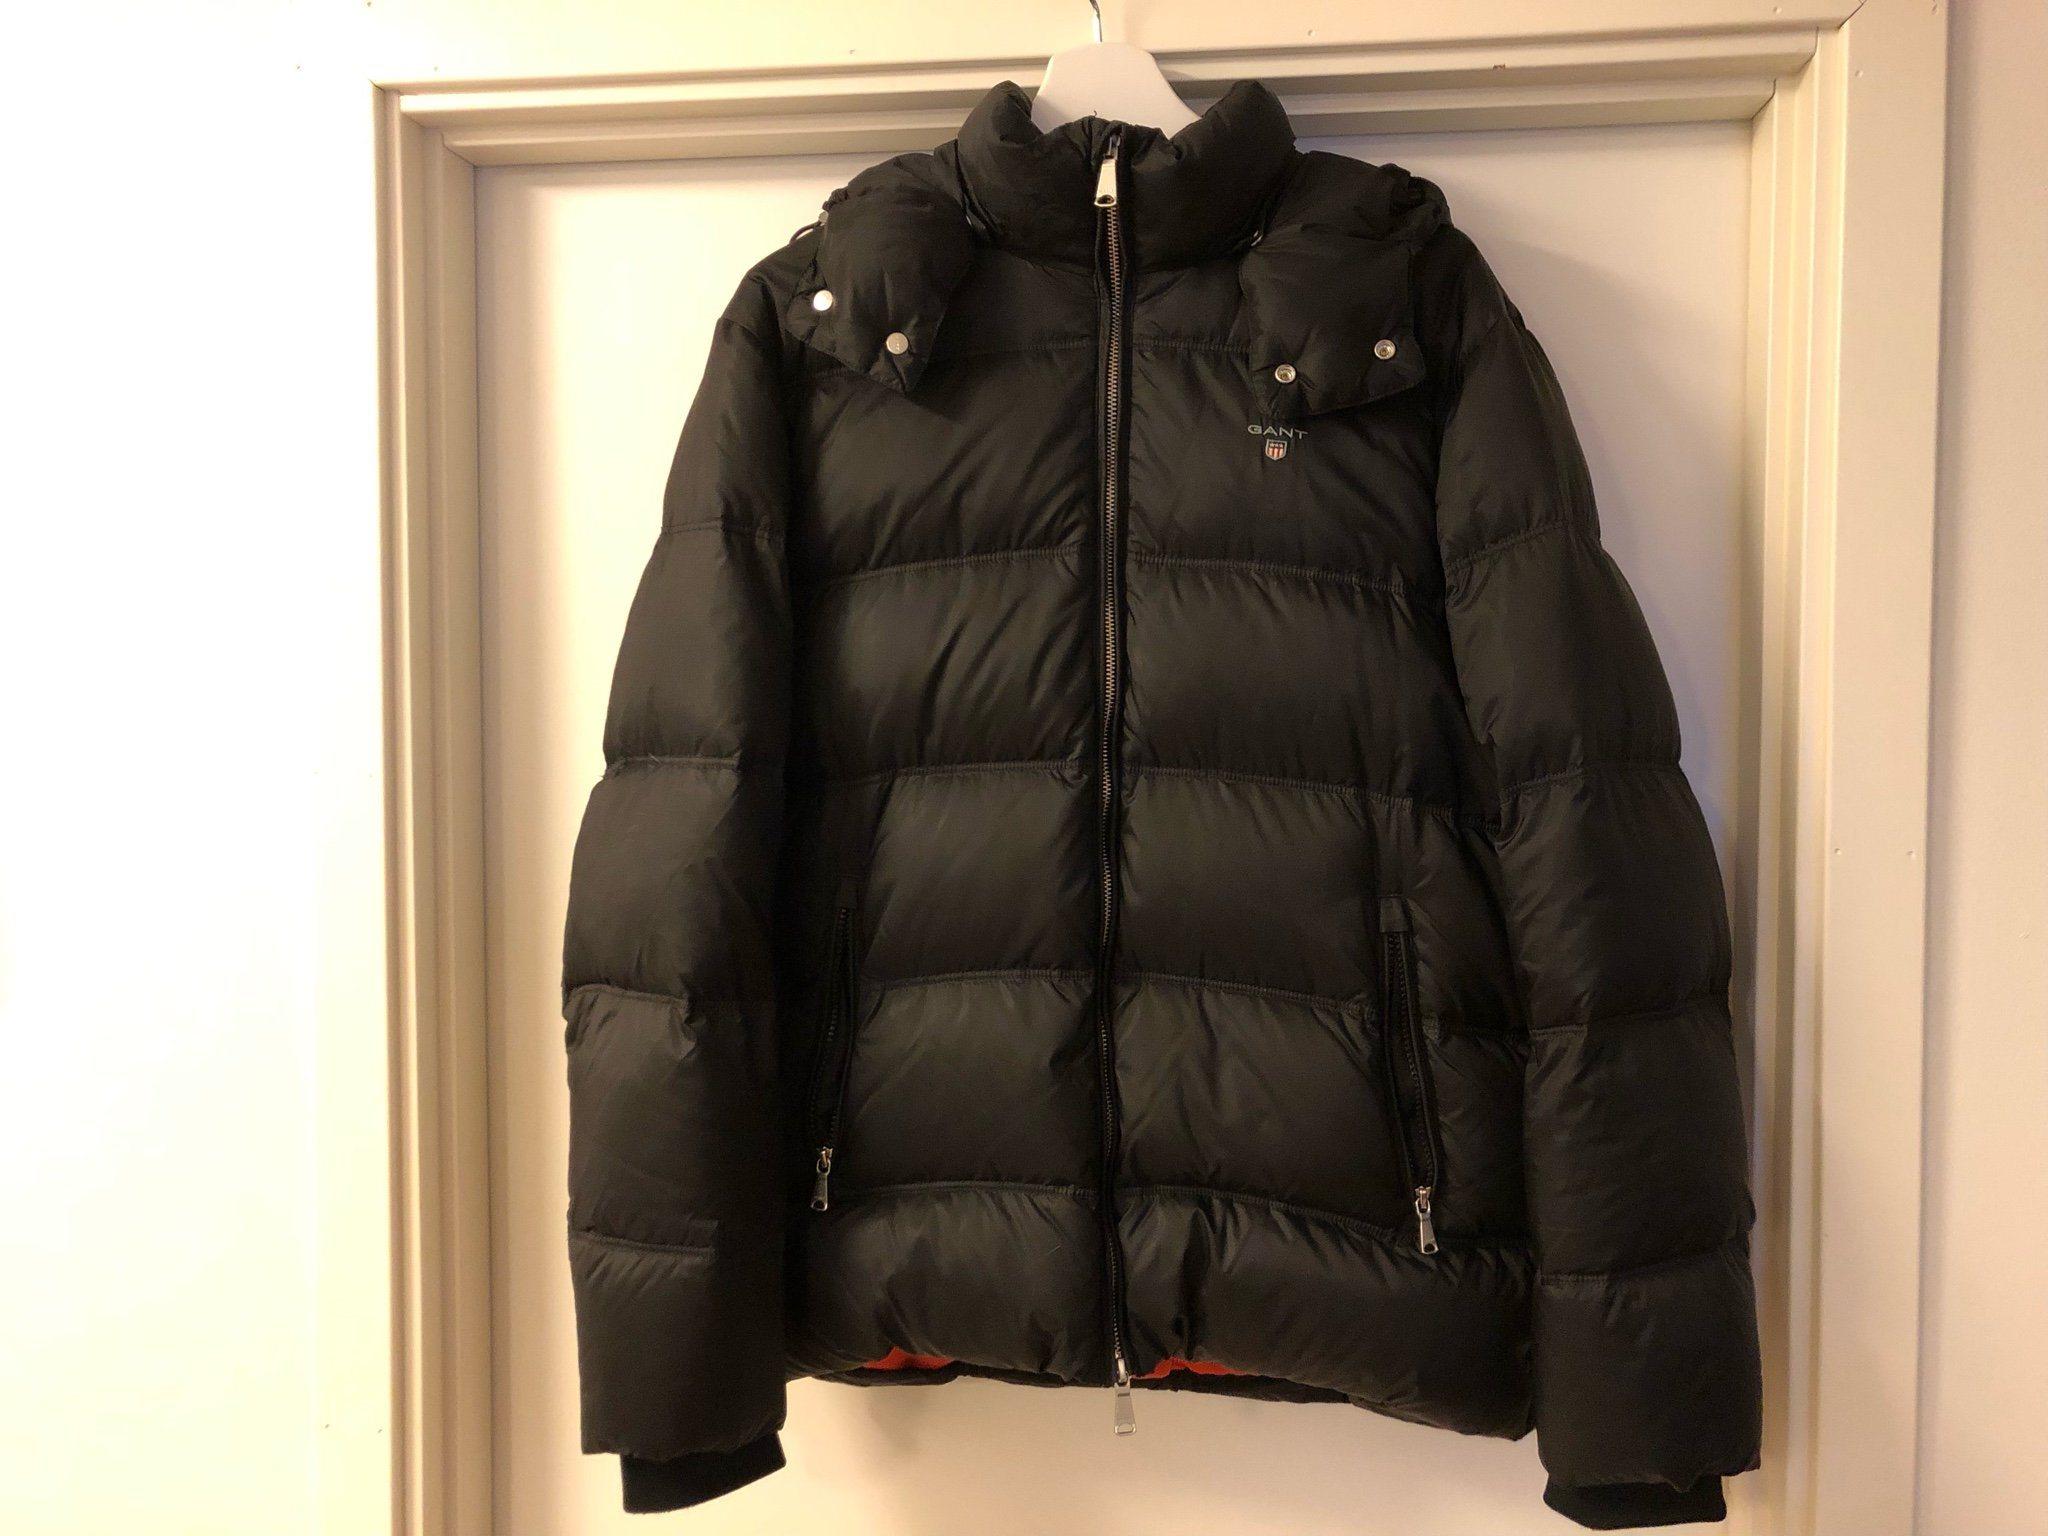 d8c82d7ee43 Gant dunjacka Alta Down Black S (340087148) ᐈ Köp på Tradera